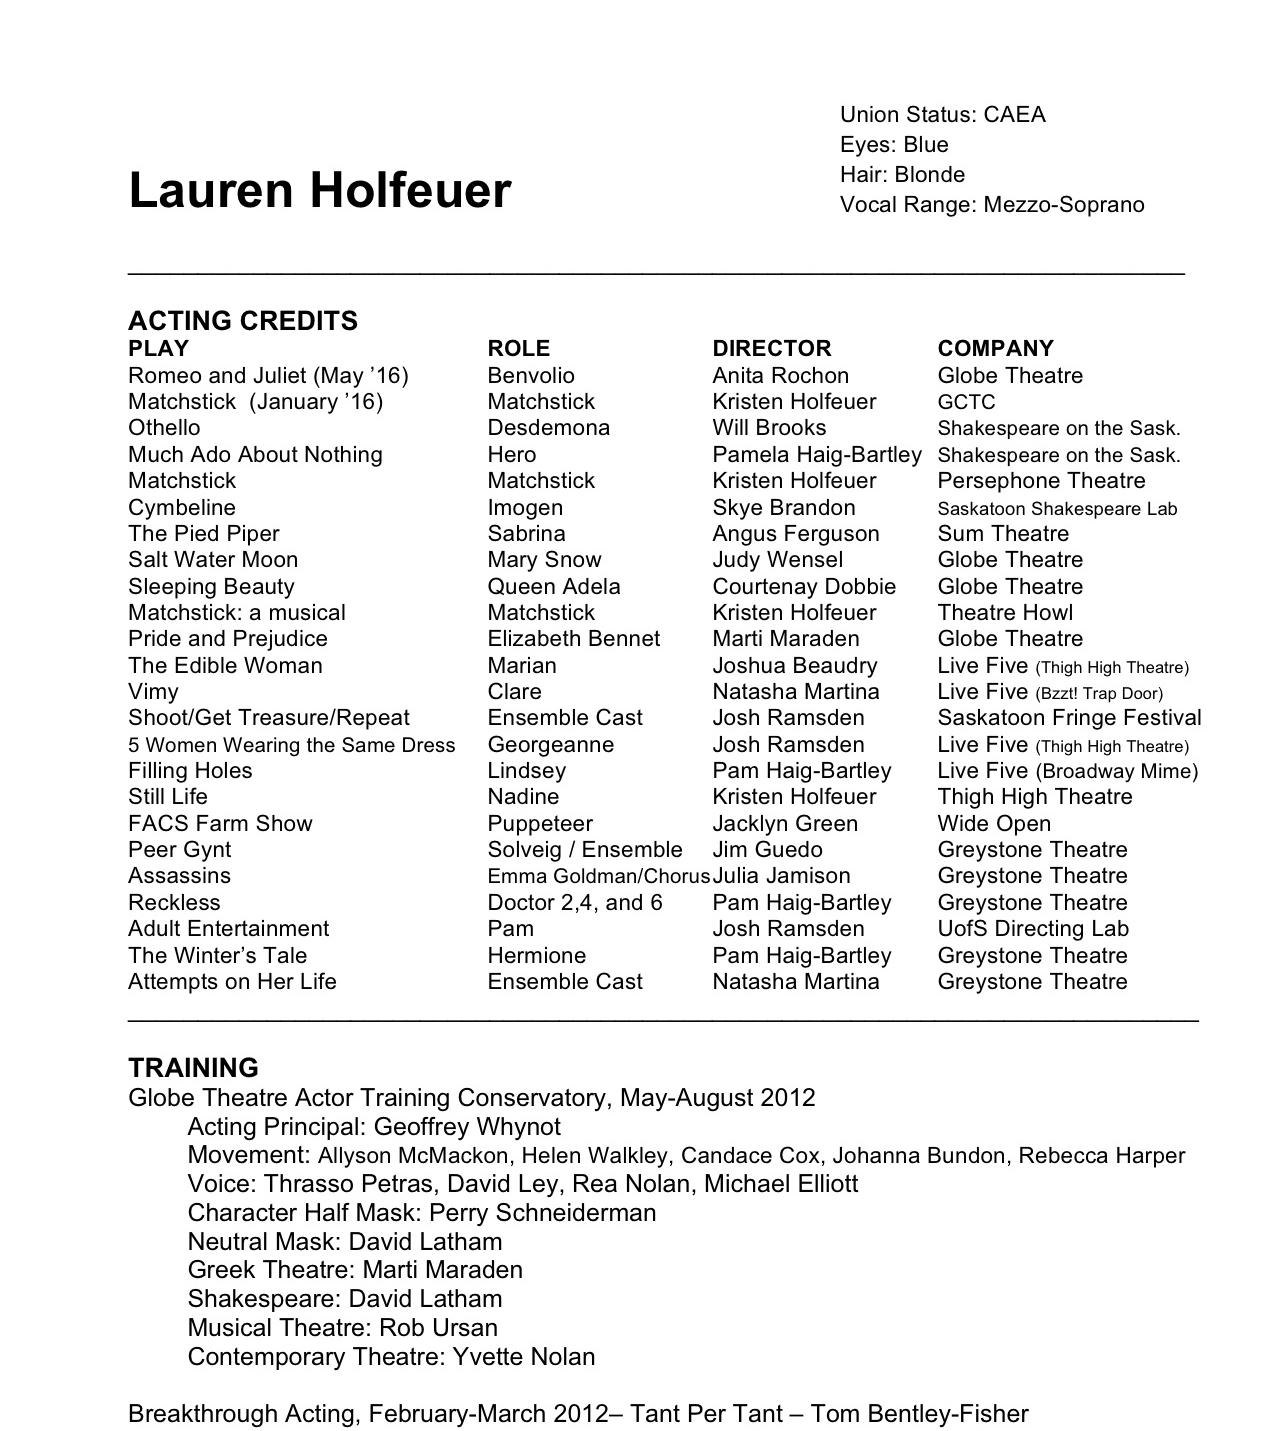 Lauren Holfeuer CV JPG1.jpg